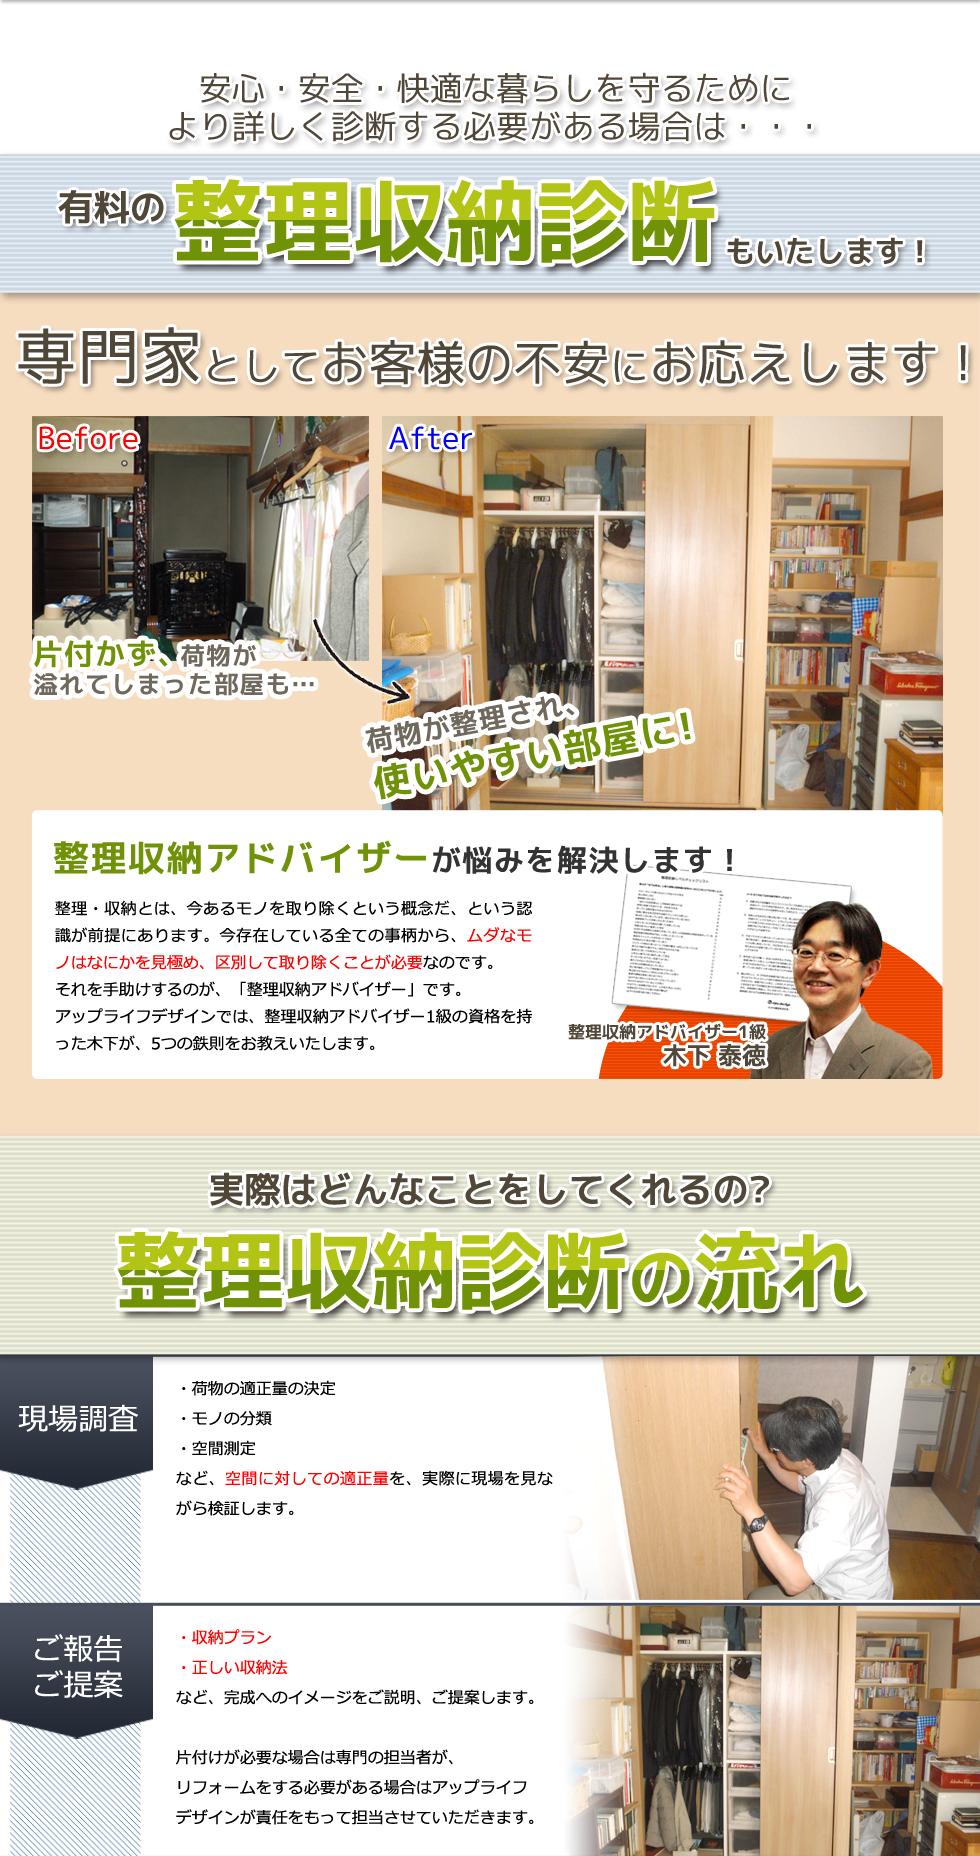 練馬区 東京 整理収納診断 リフォーム リノベーション